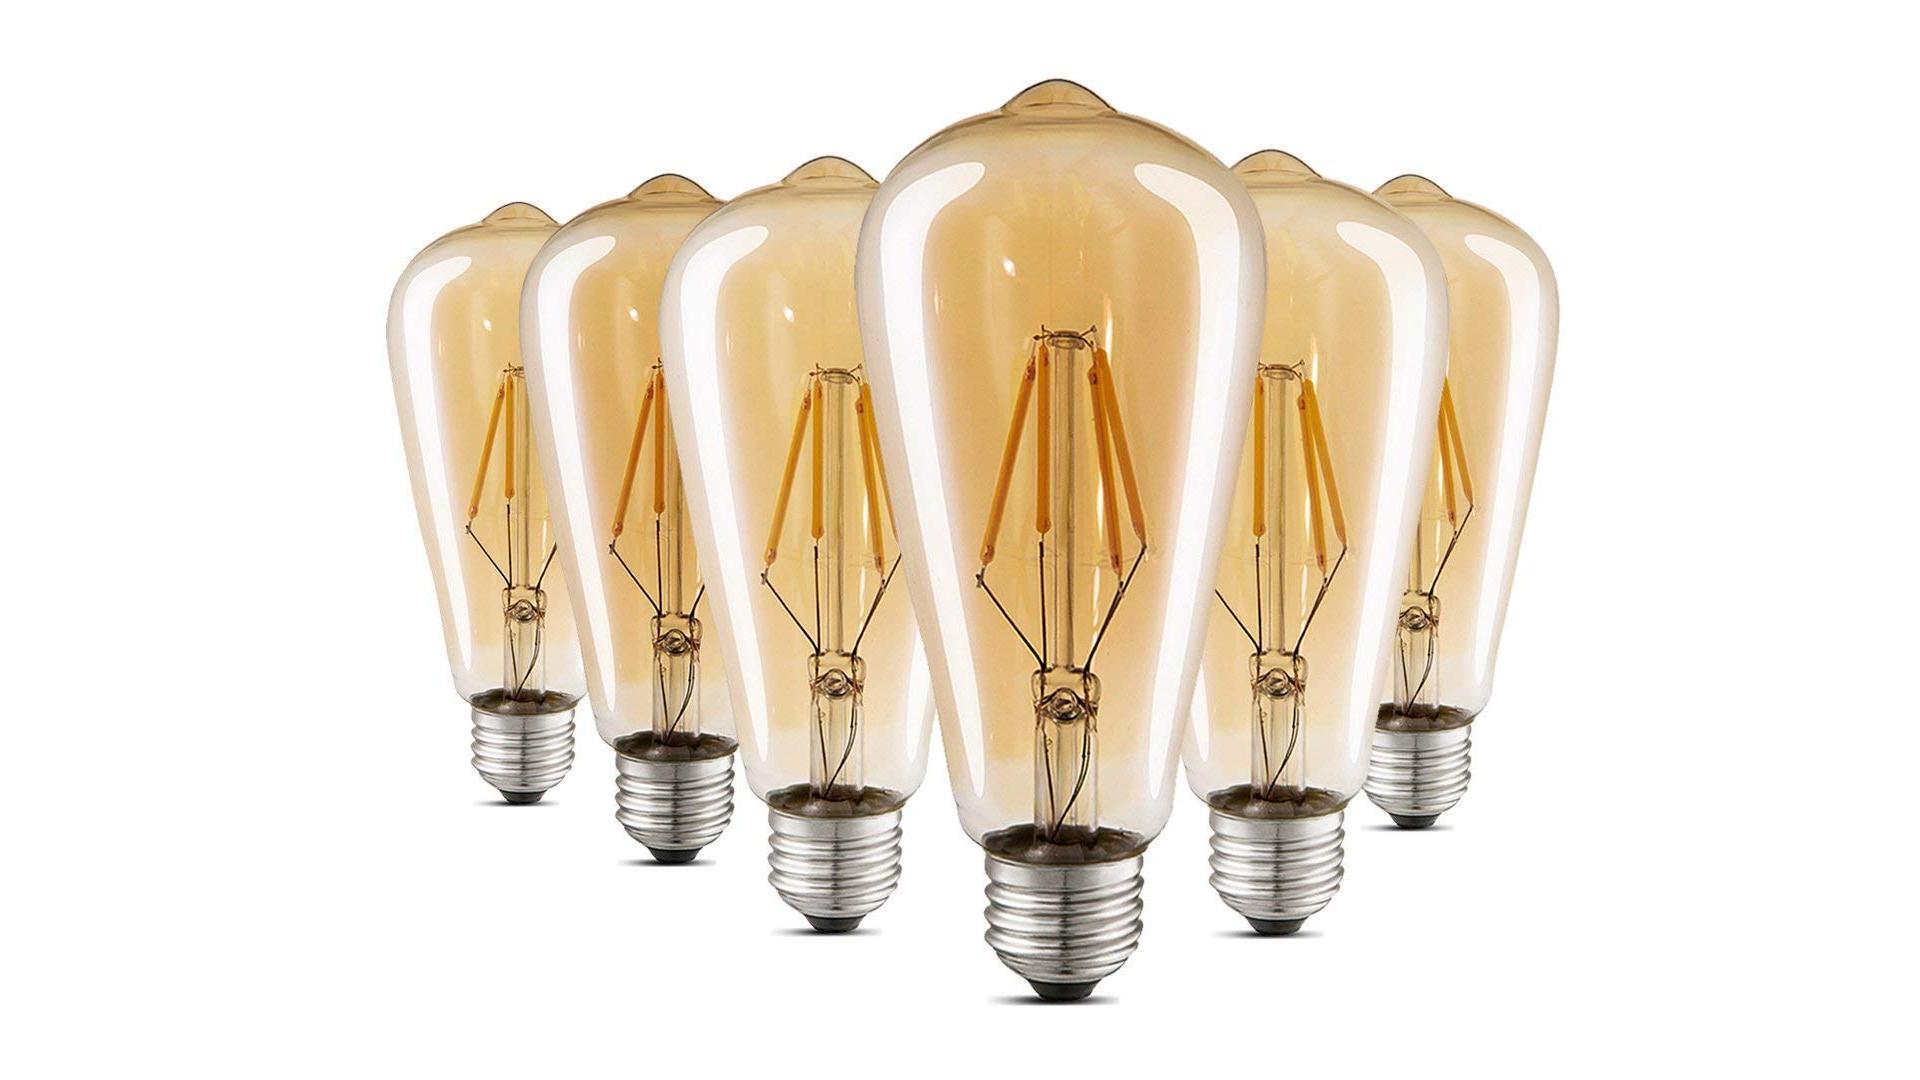 LUXON's Edison styled LED bulbs.